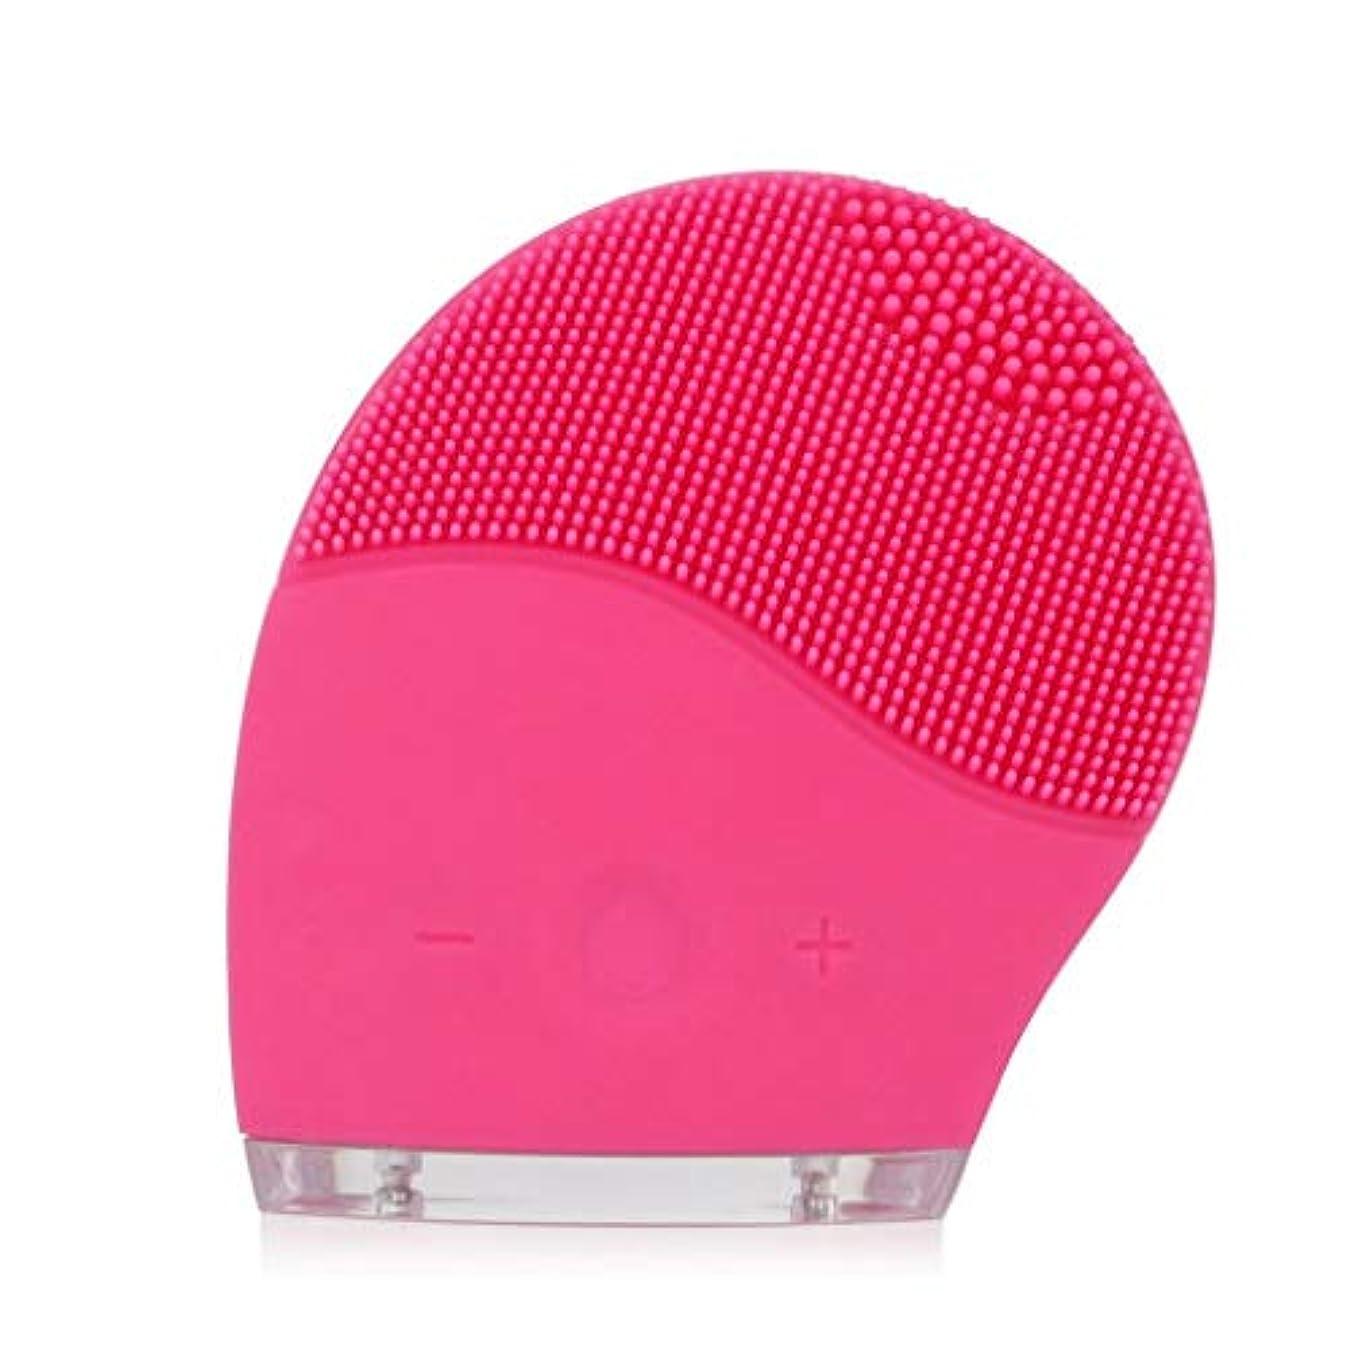 ネコ先駆者落ちたフェイシャルクレンジングブラシ、電気シリコーンフェイシャルマッサージブラシ防水アンチエイジングスキンクレンザー、ディープエクスフォリエイティングメイクアップツール、フェイシャルポリッシュ、スクラブ (Color : Pink)